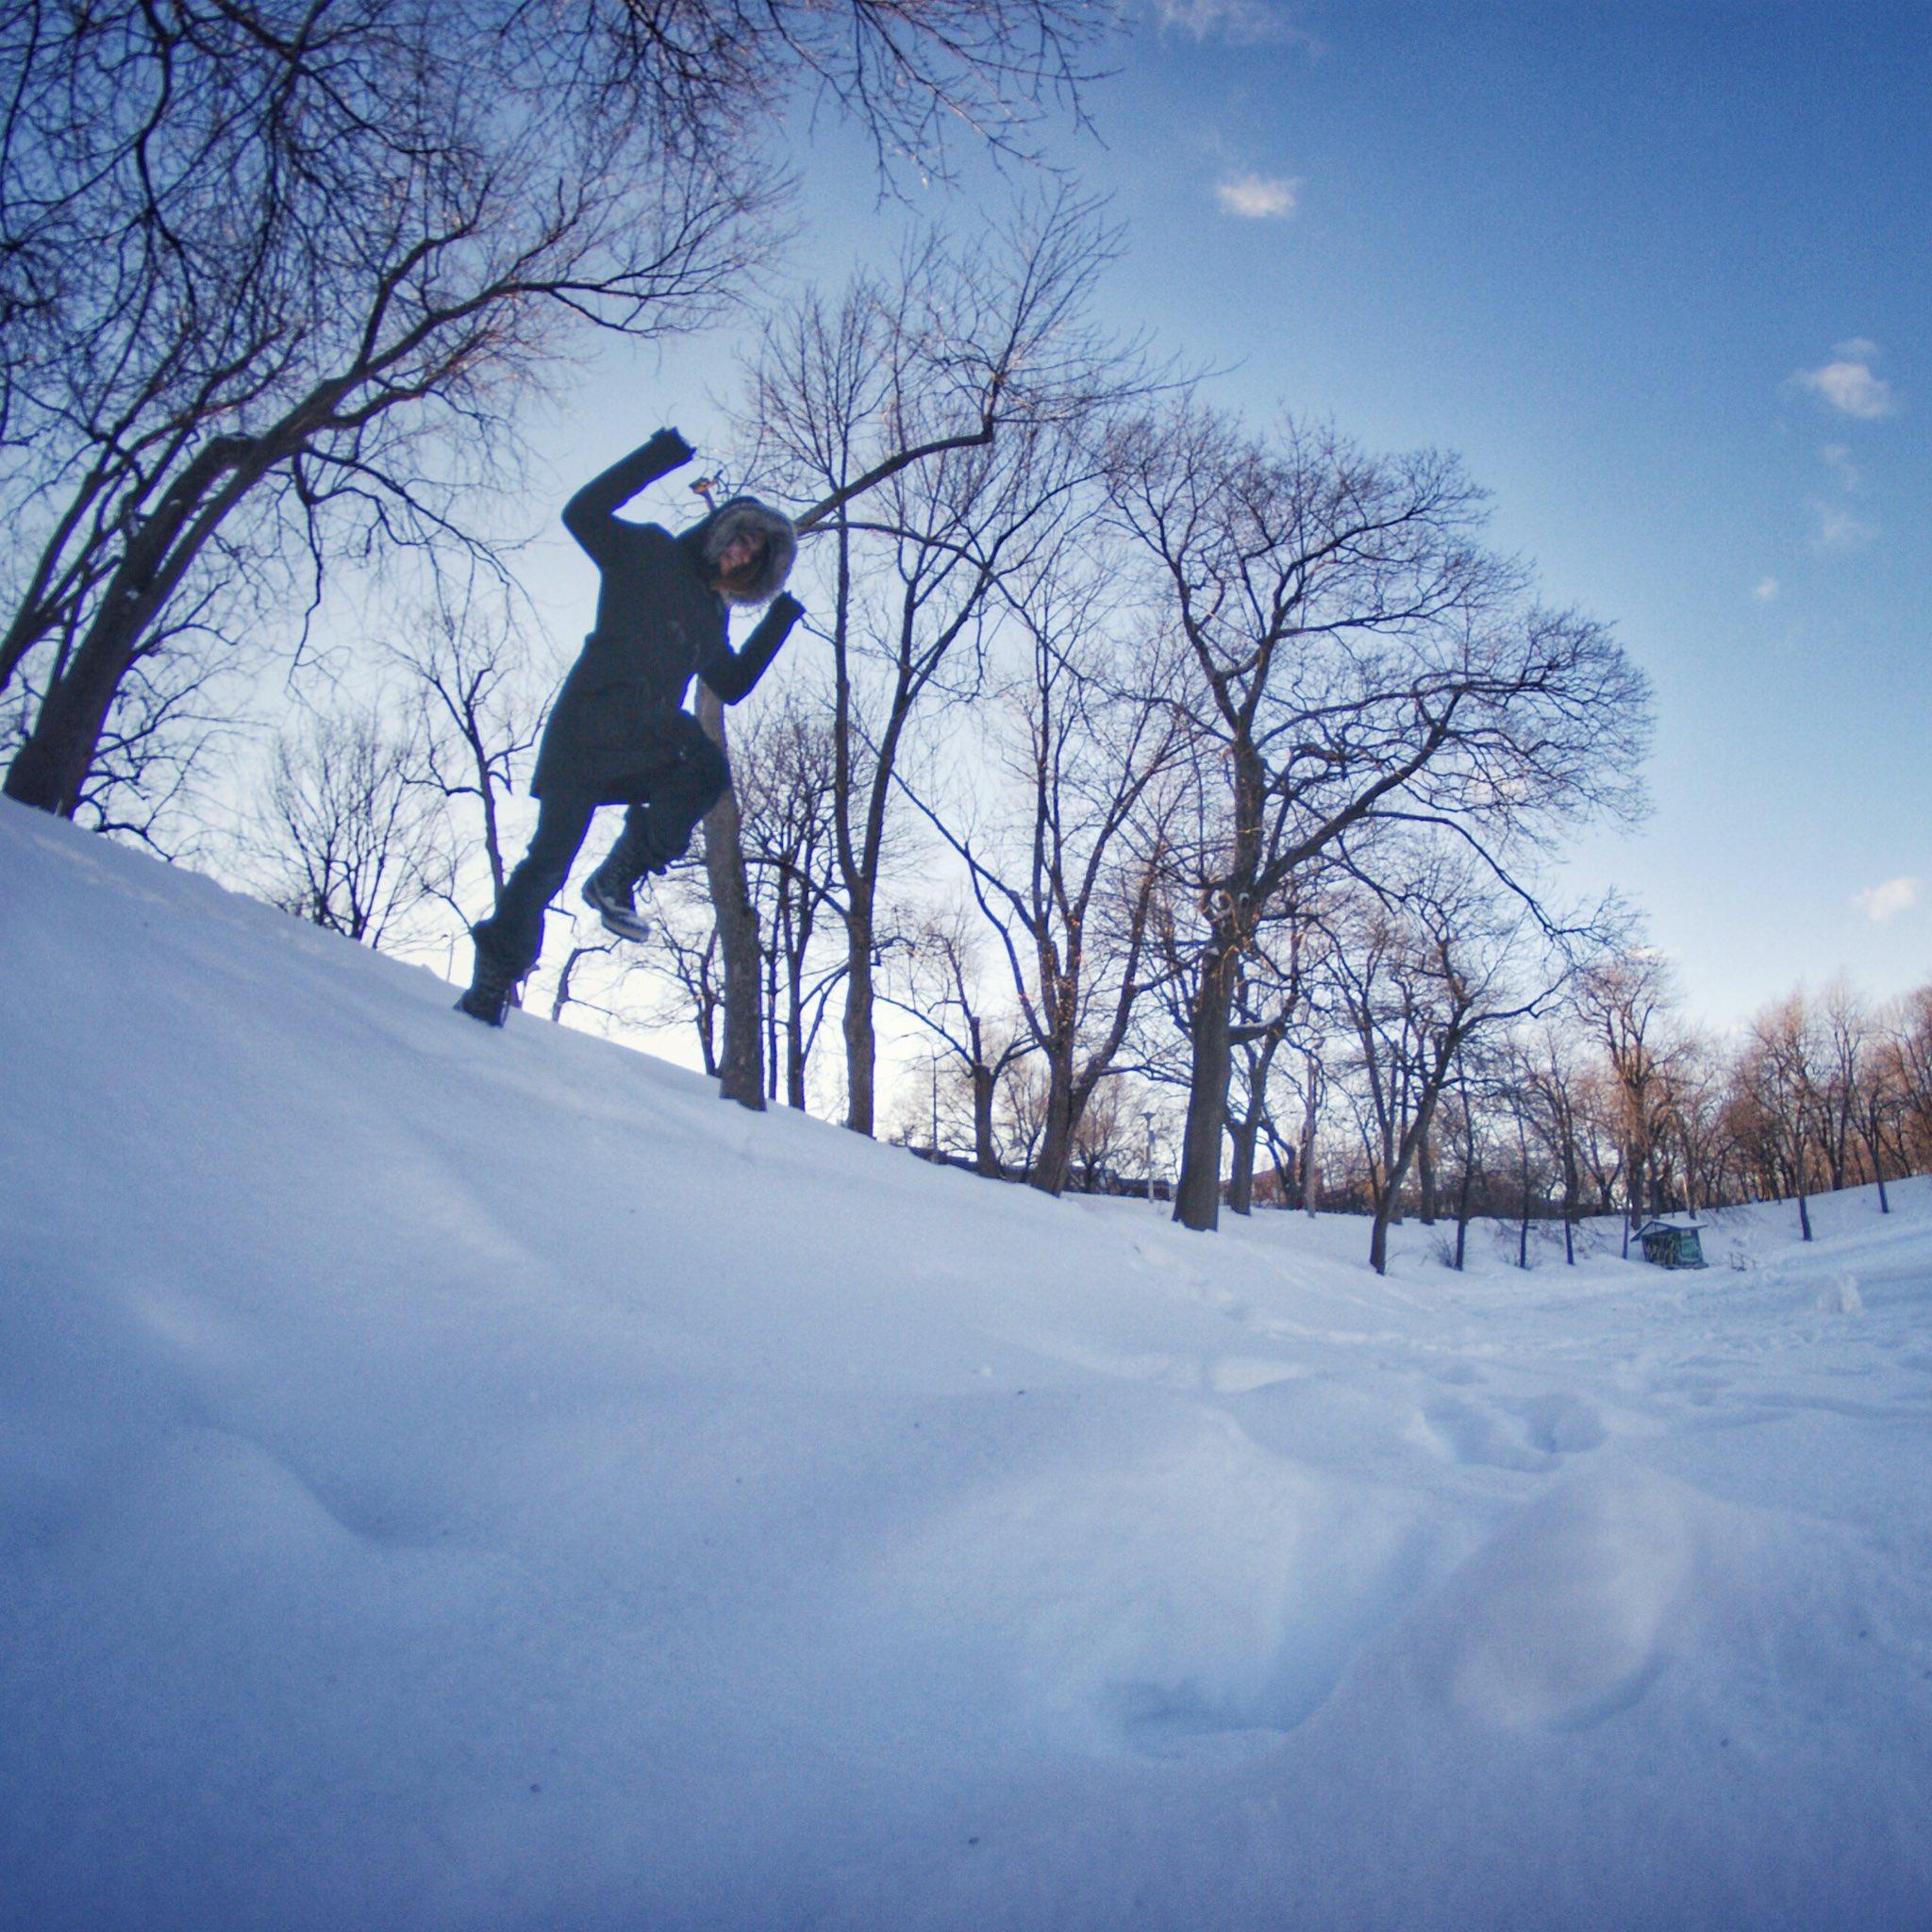 L'hiver bat son plein à Montréal https://t.co/cUKXZzw1AD